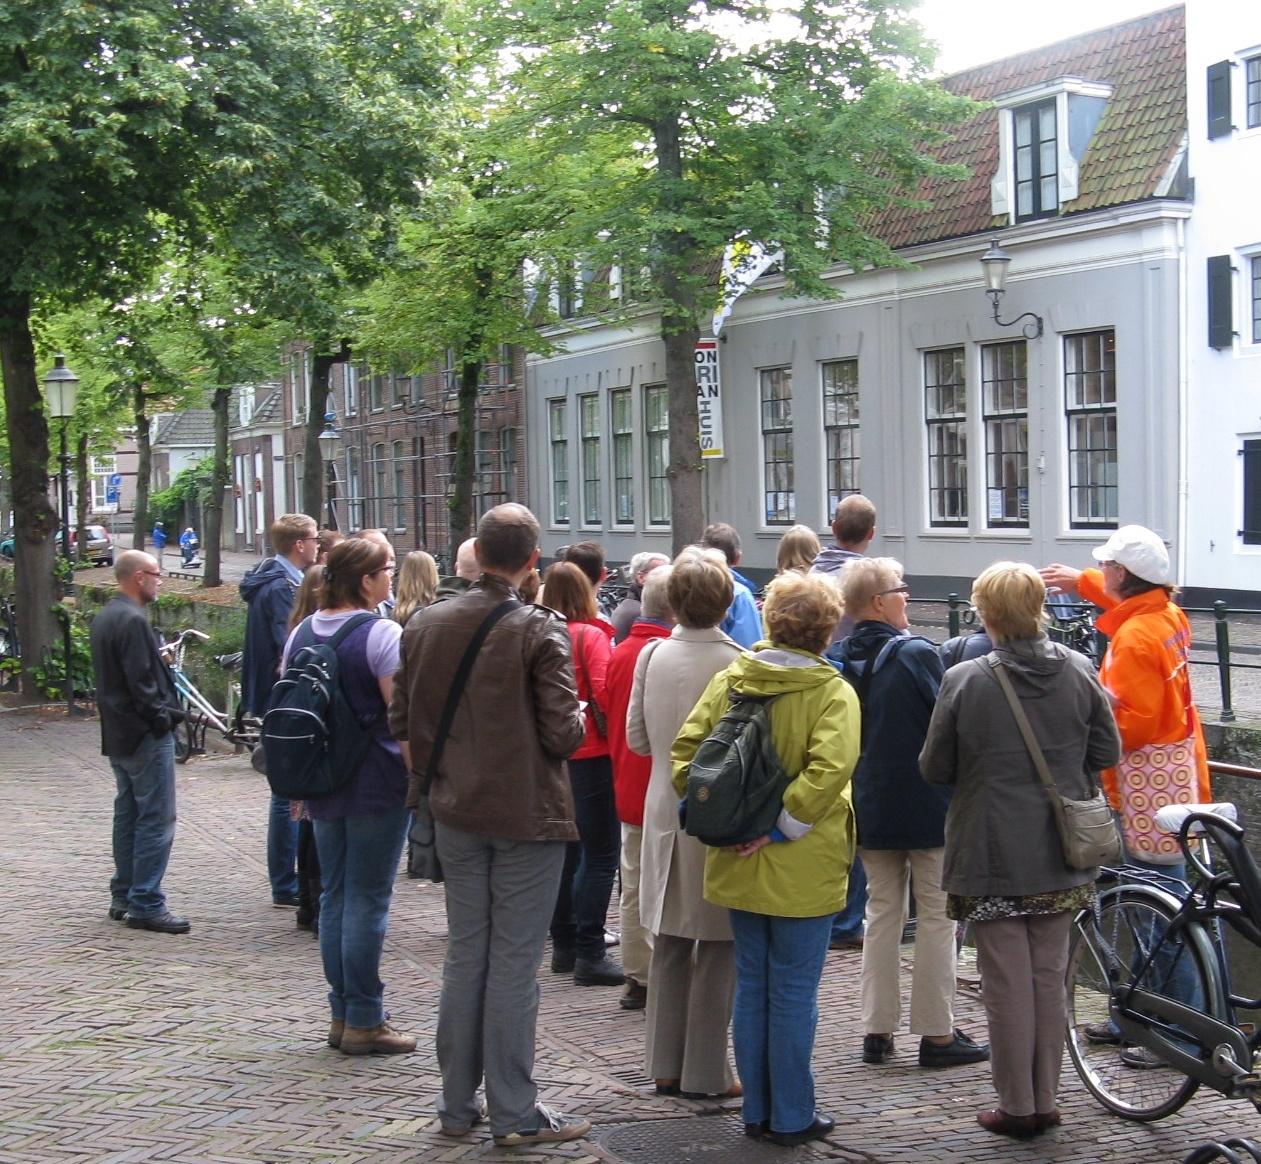 072608d92d-Stadswandeling met gids in Amersfoort Mondriaanhuis Grachtzijde.JPG